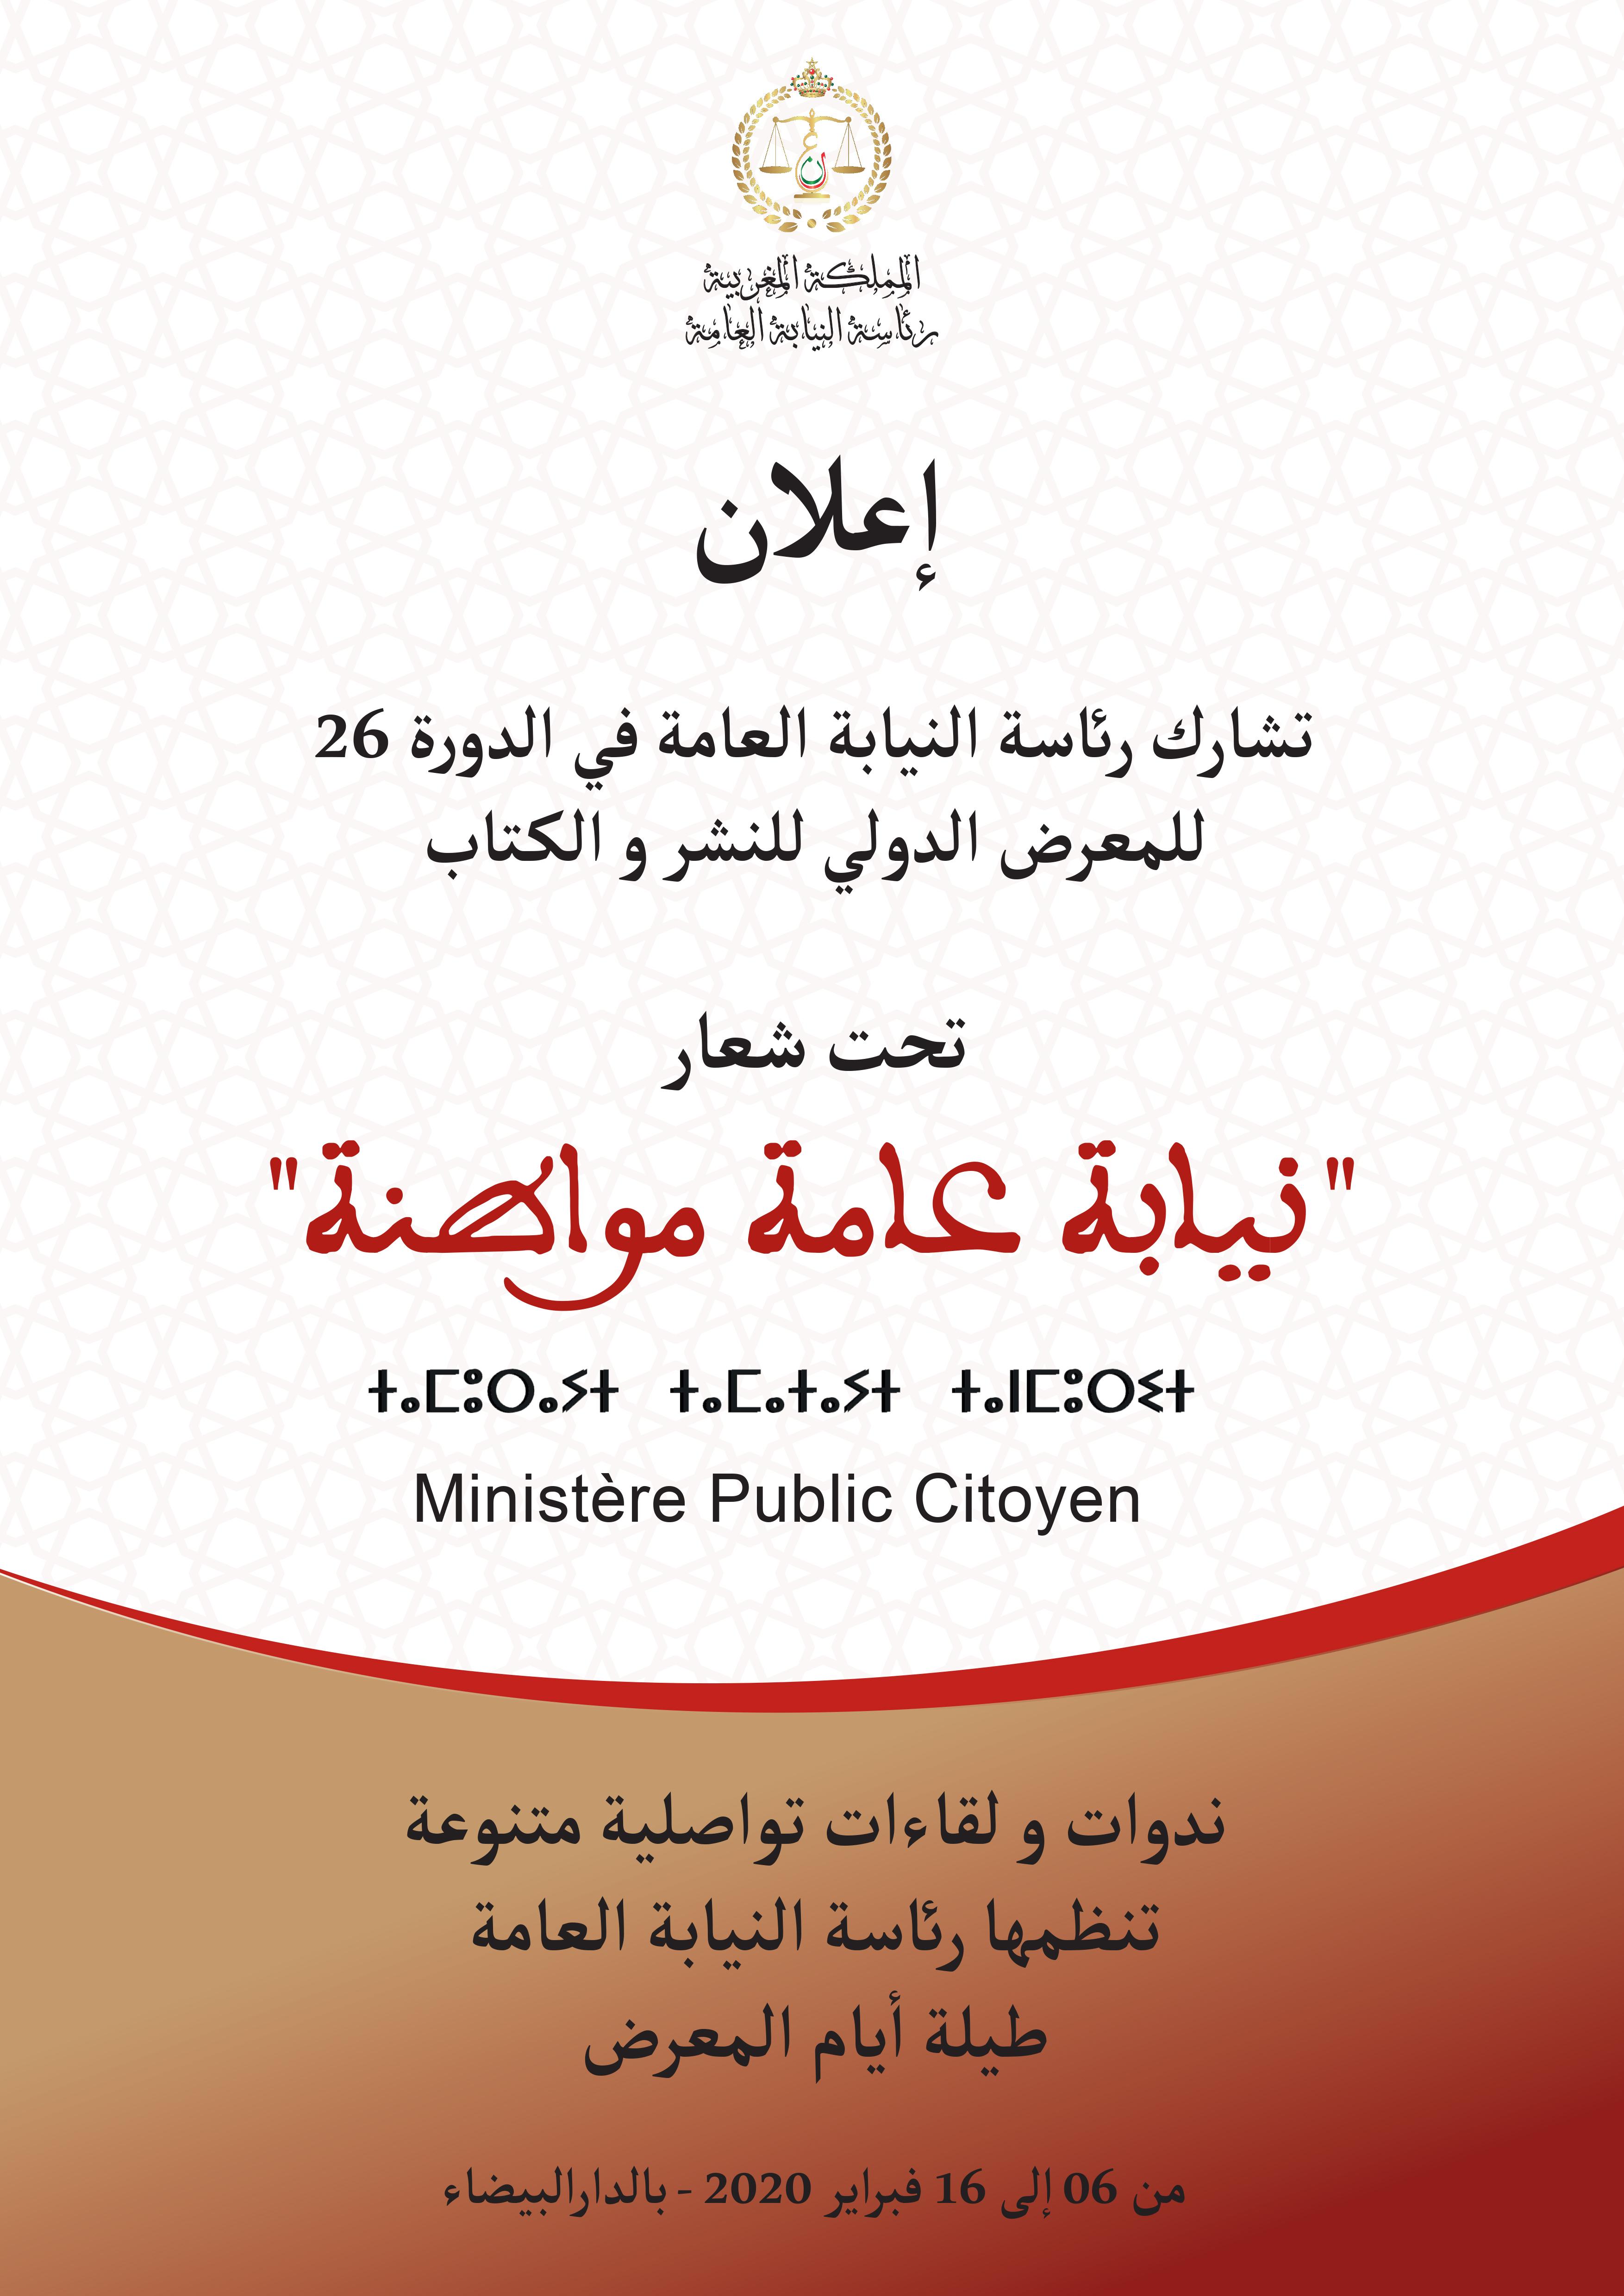 المعرض الدولي للنشر و الكتاب